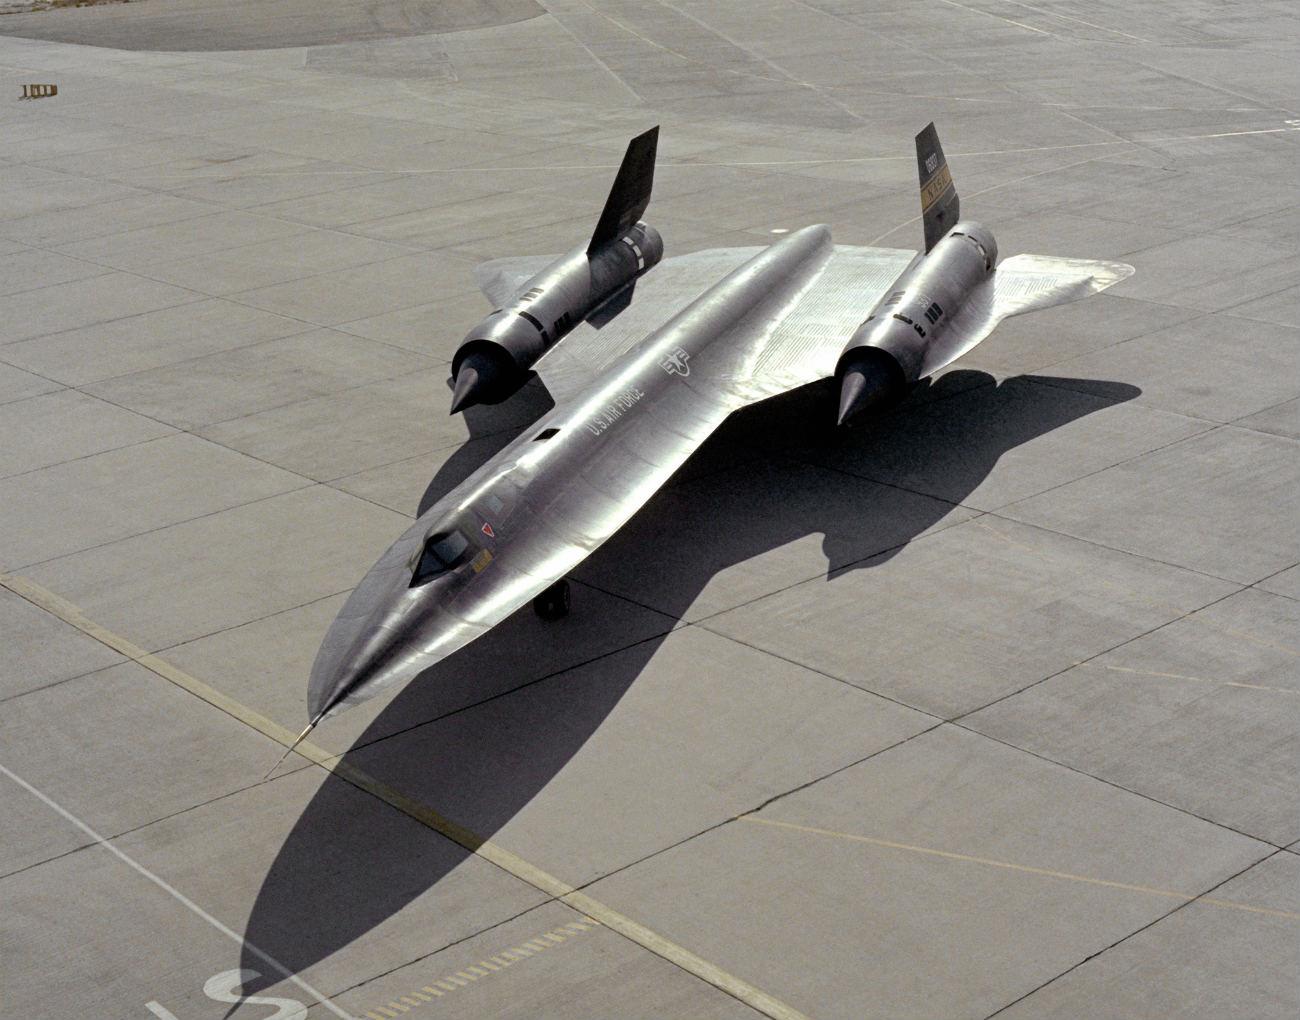 Lockheed YF-12 - On the back ramp. YF-12 images